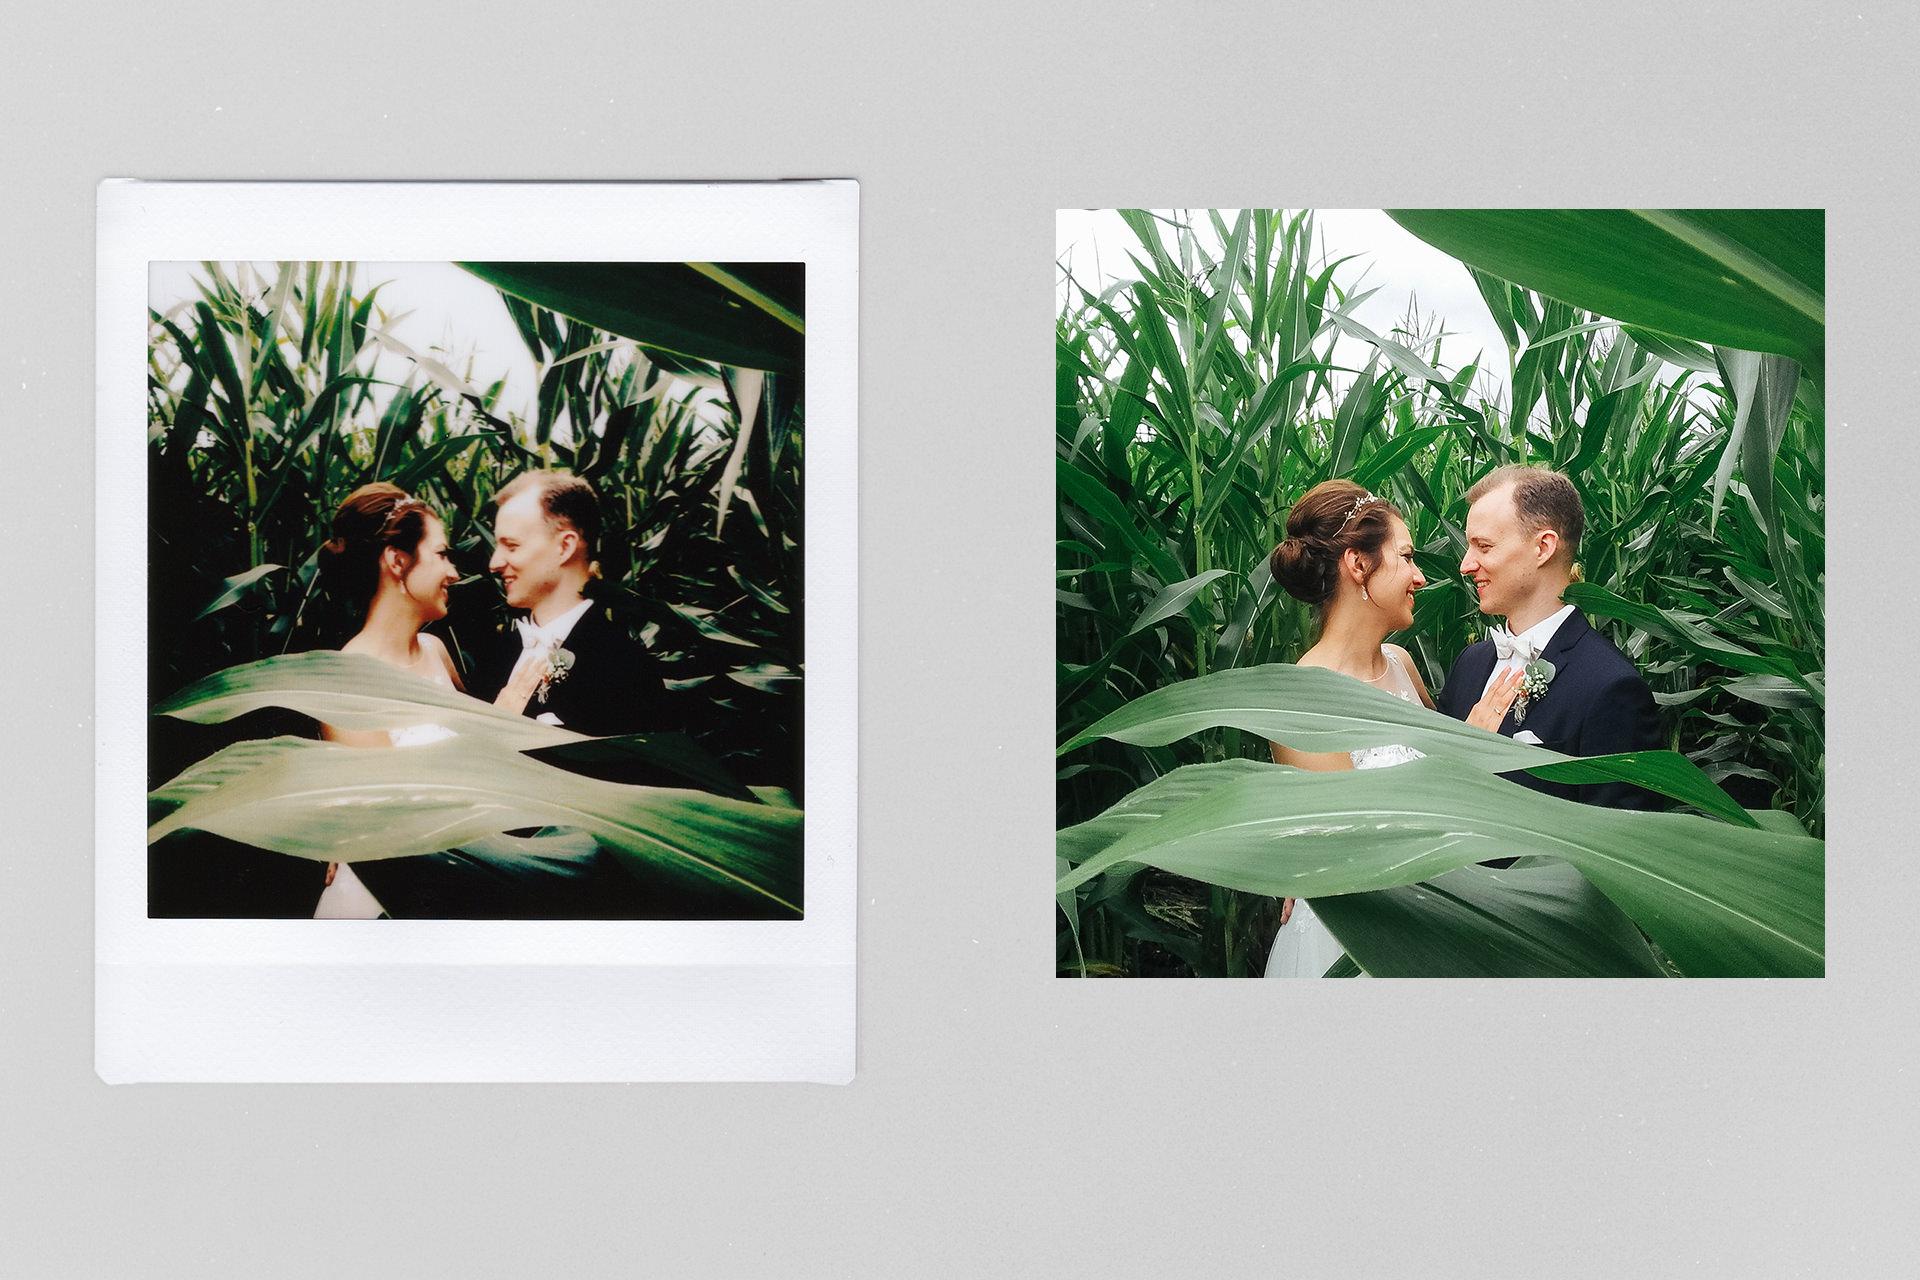 Testbericht Fuji Instax SQ10 – Vergleich zwischen Druck und digitalem Bild